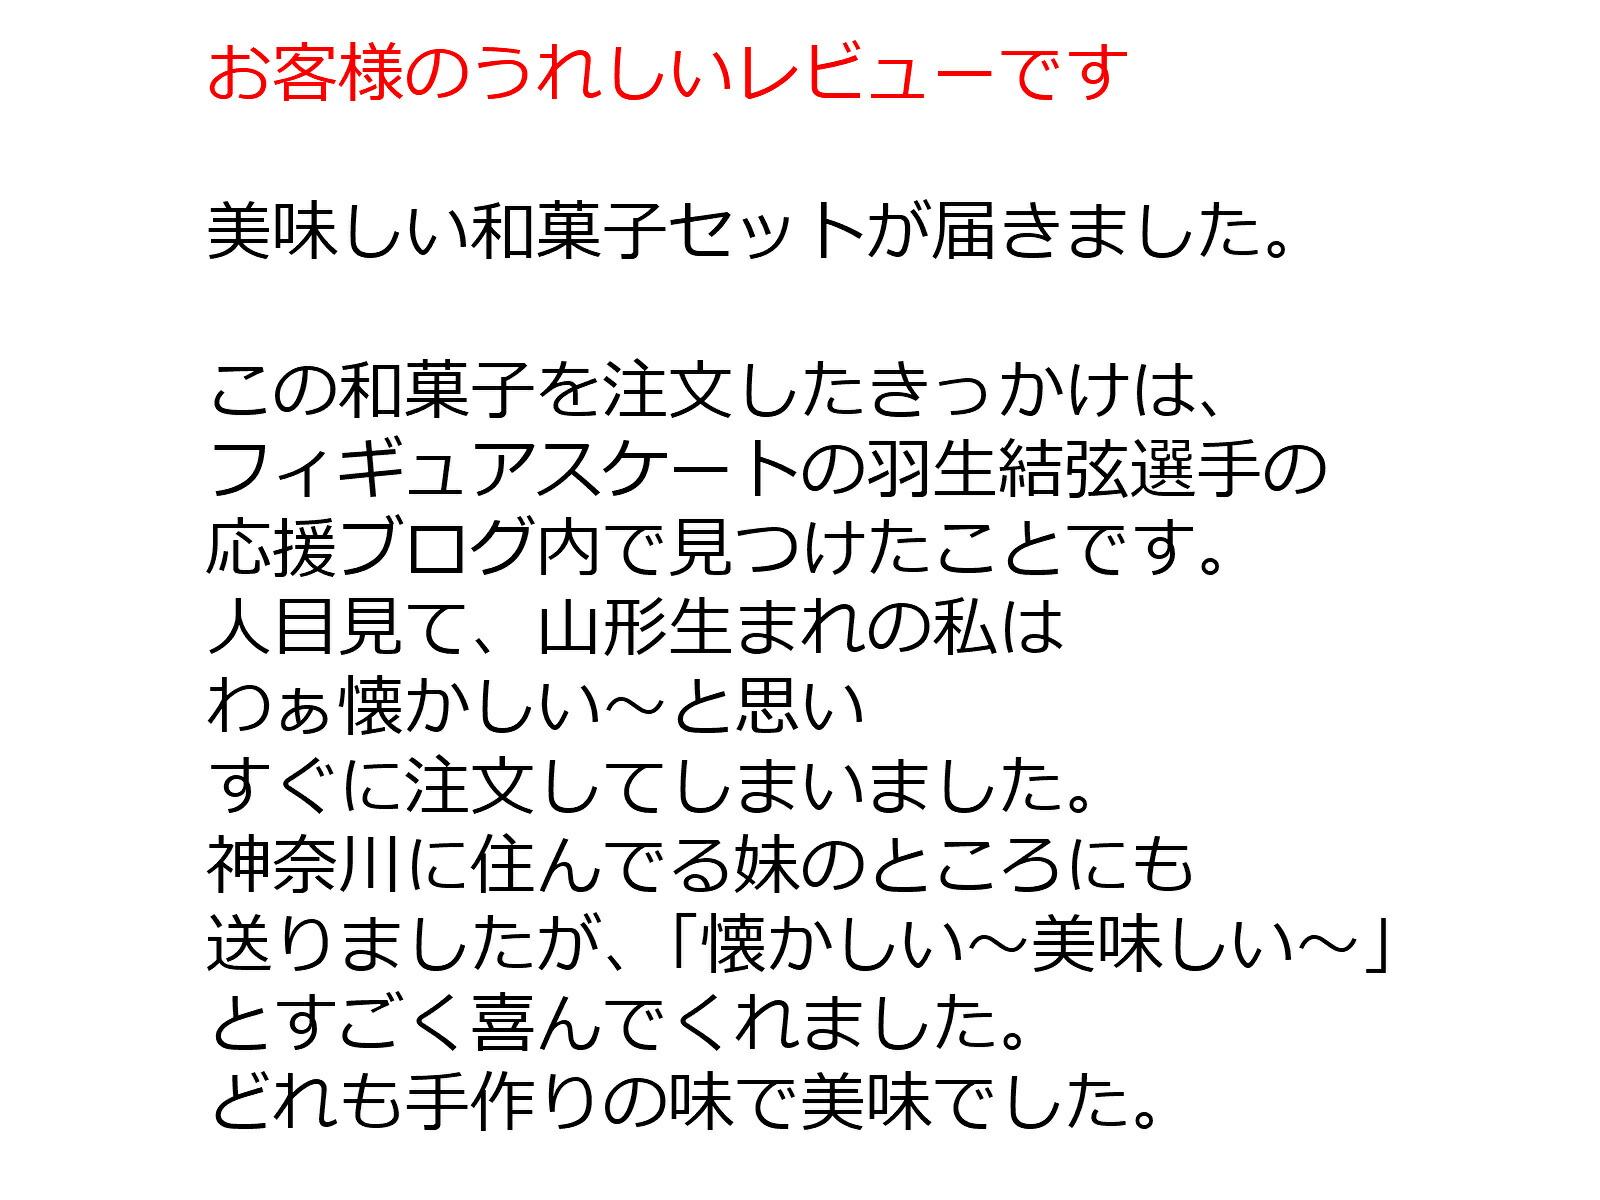 弦 ブログ 結 羽生 応援